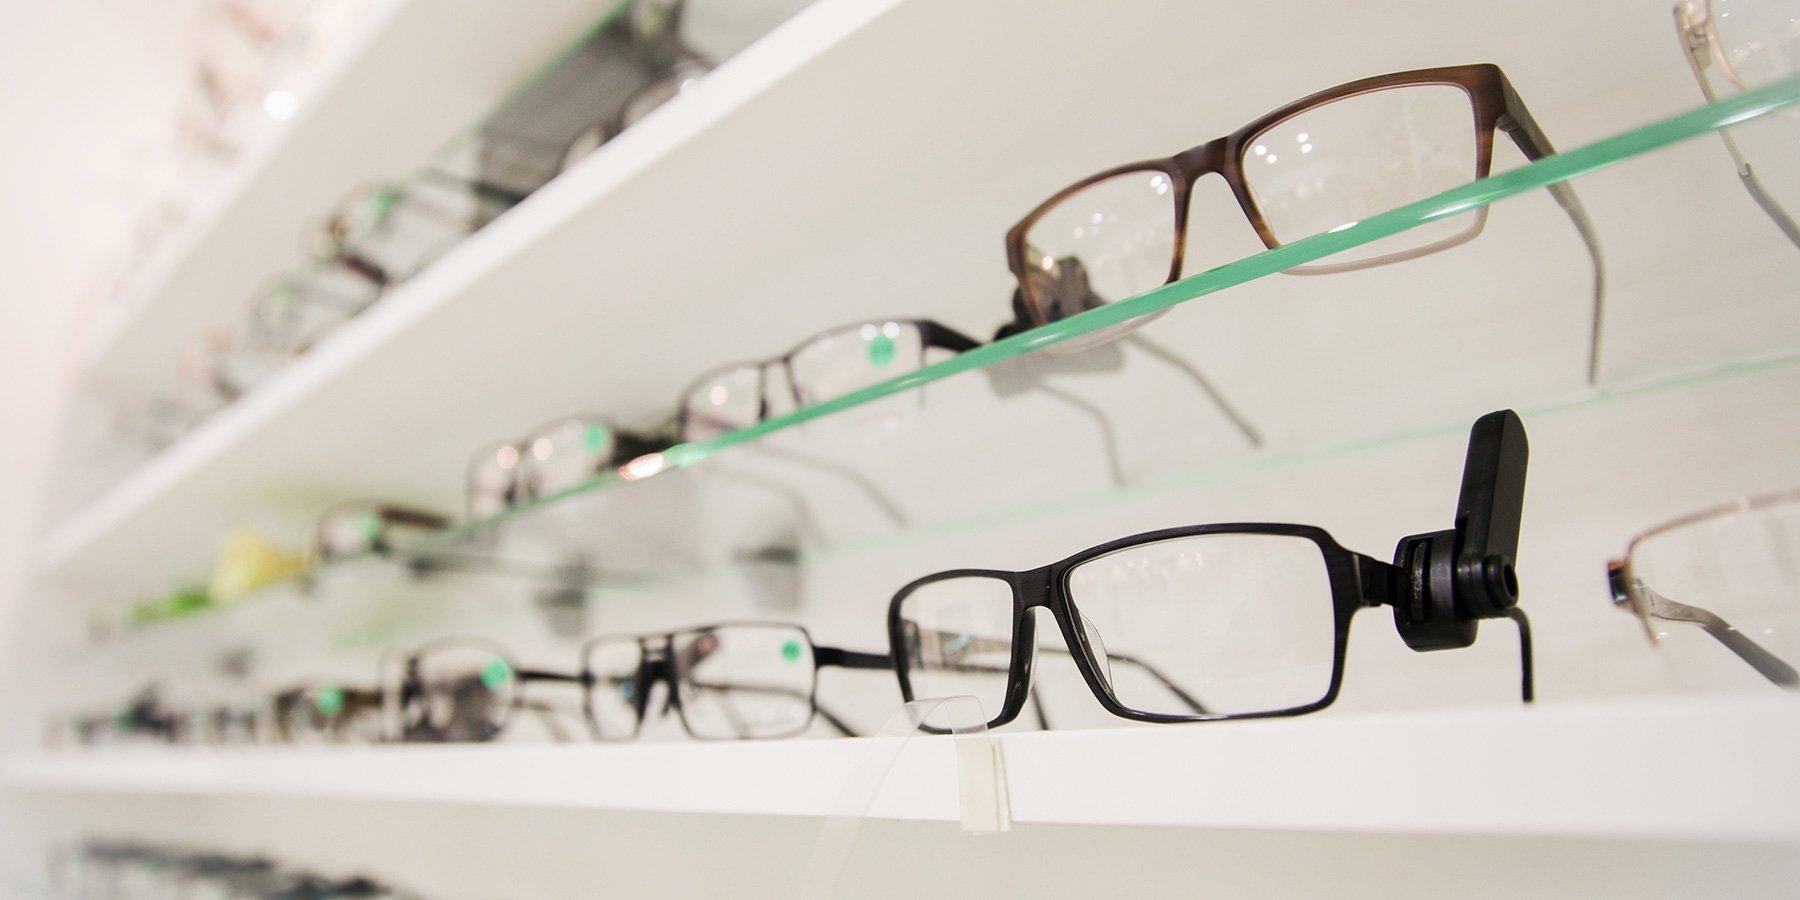 ottica vomero, occhiali su scaffali